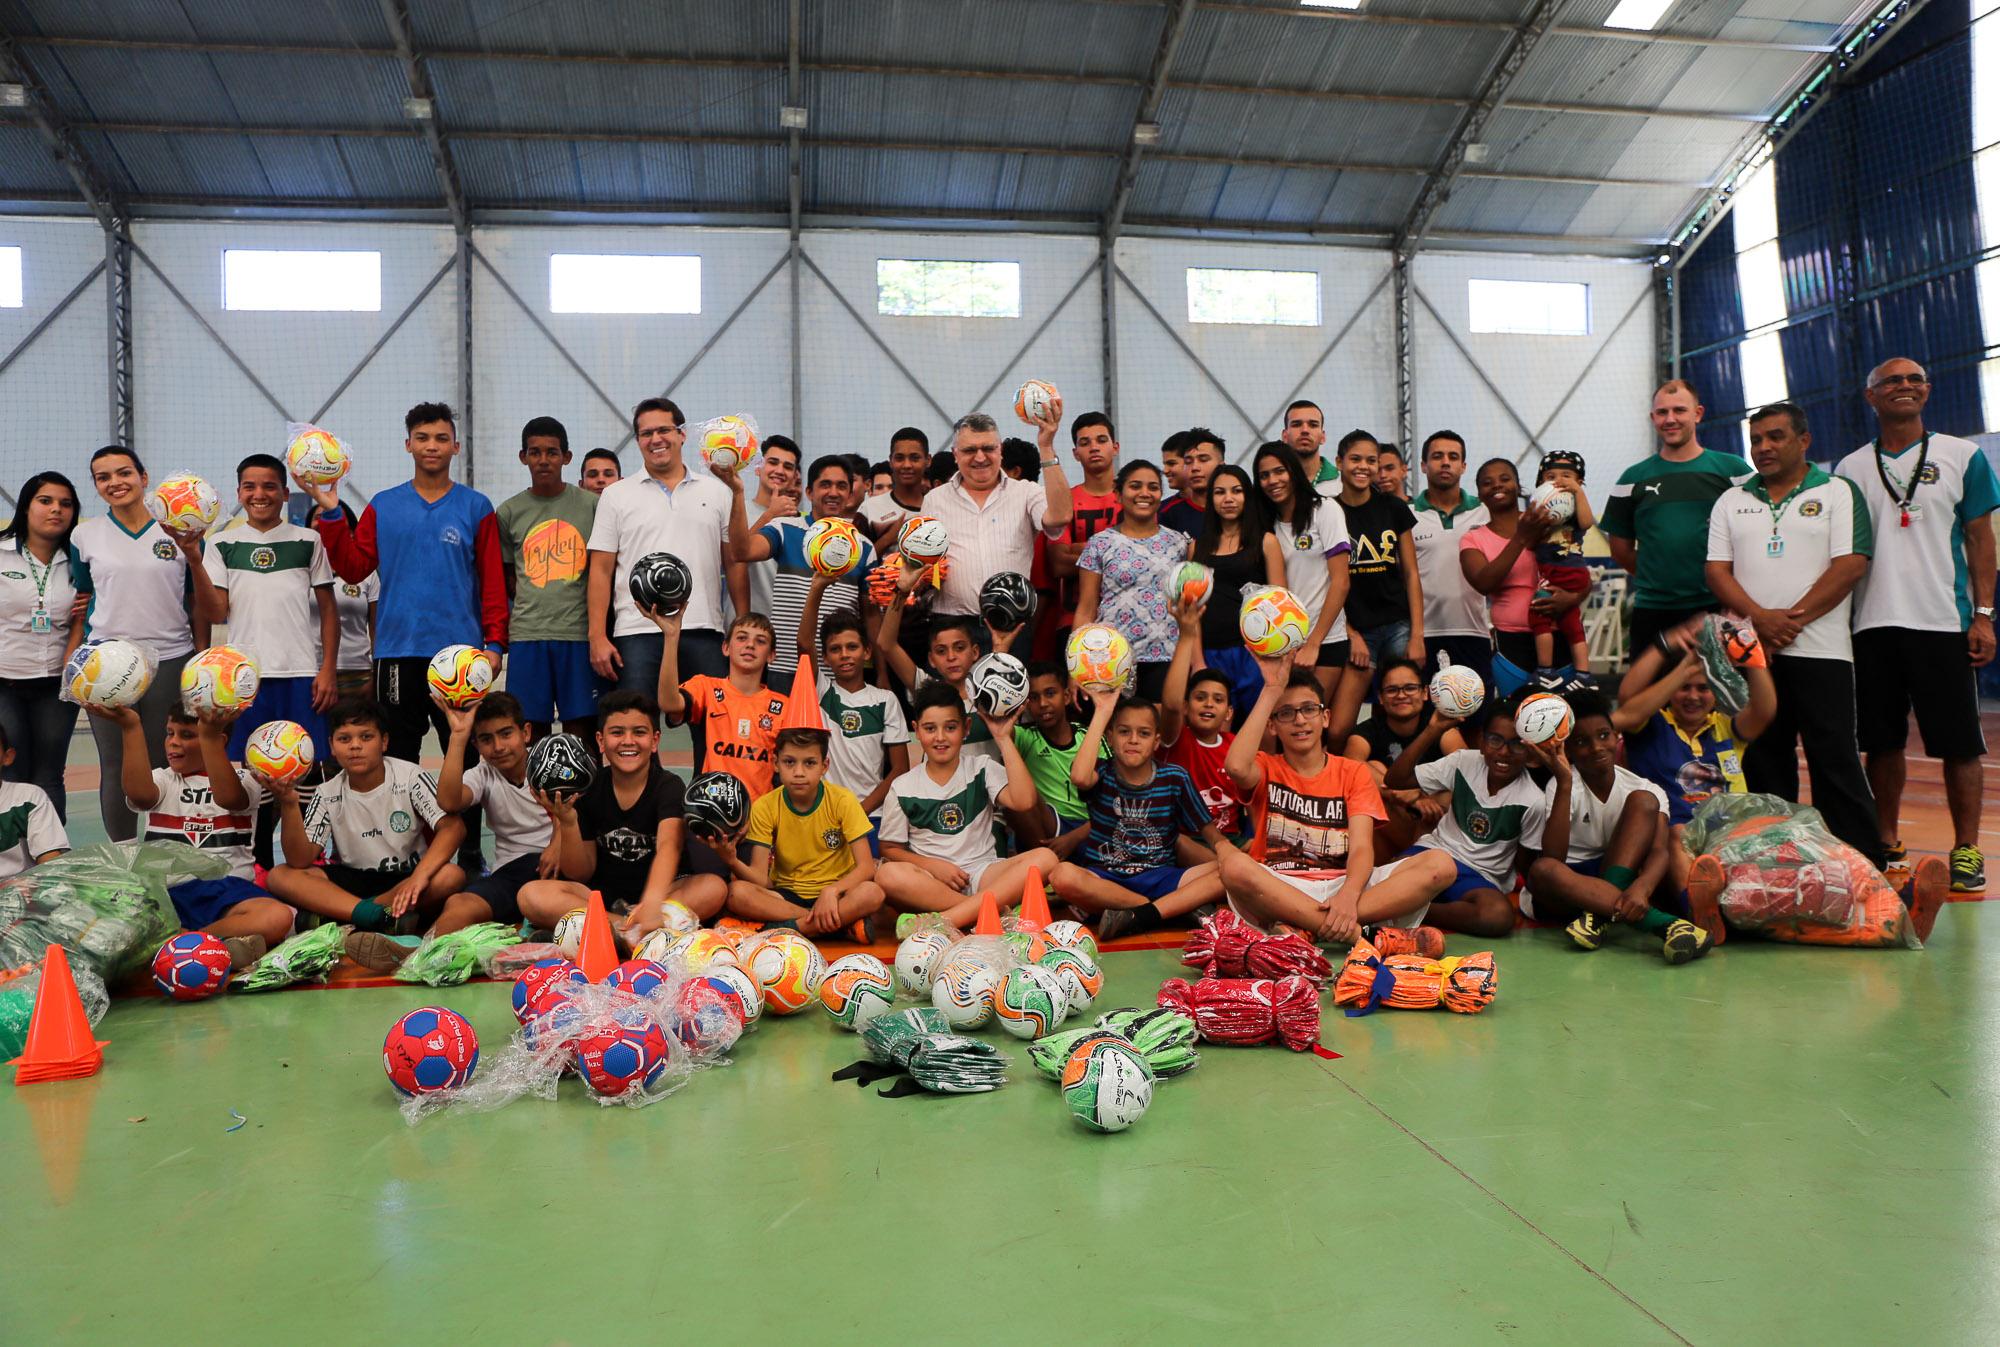 noticia Prefeitura de Louveira entrega Materiais Esportivos para alunos de varias modalidades.